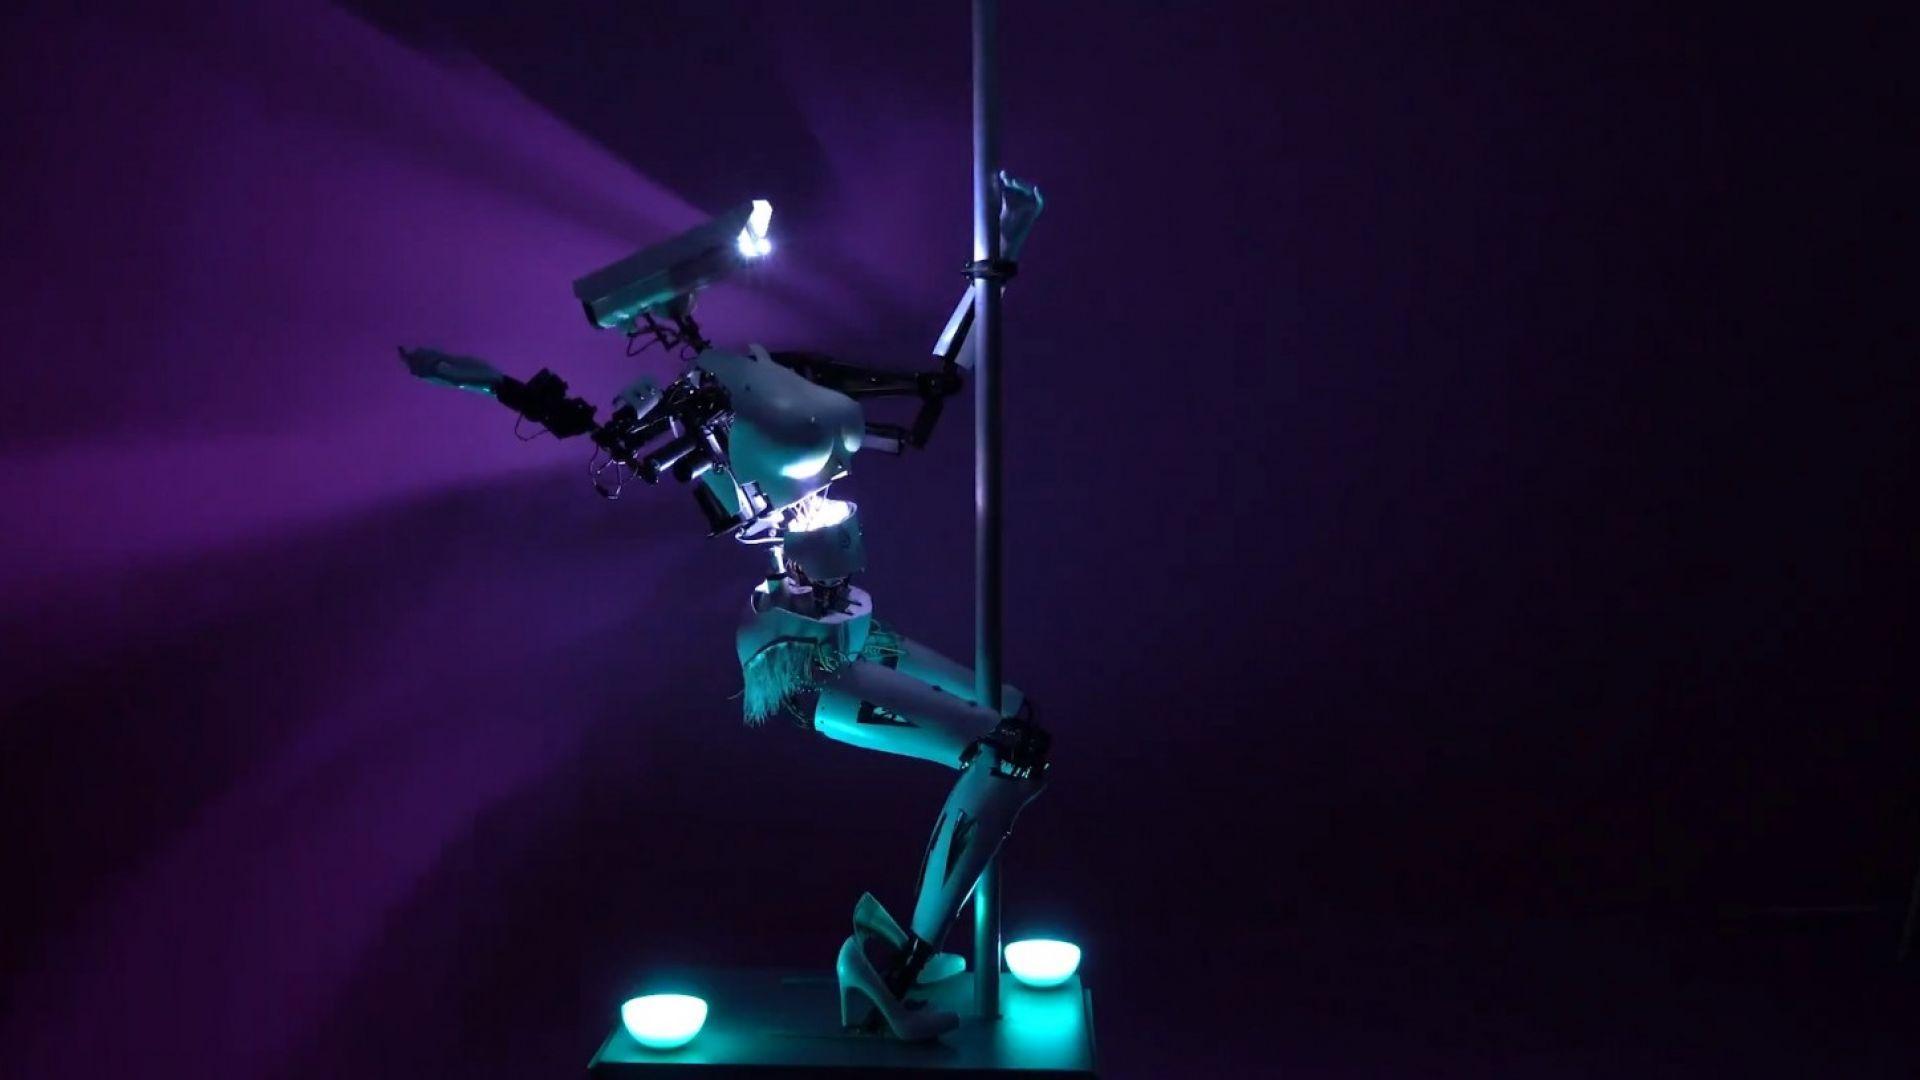 Робот се появи в сайт за секс модели